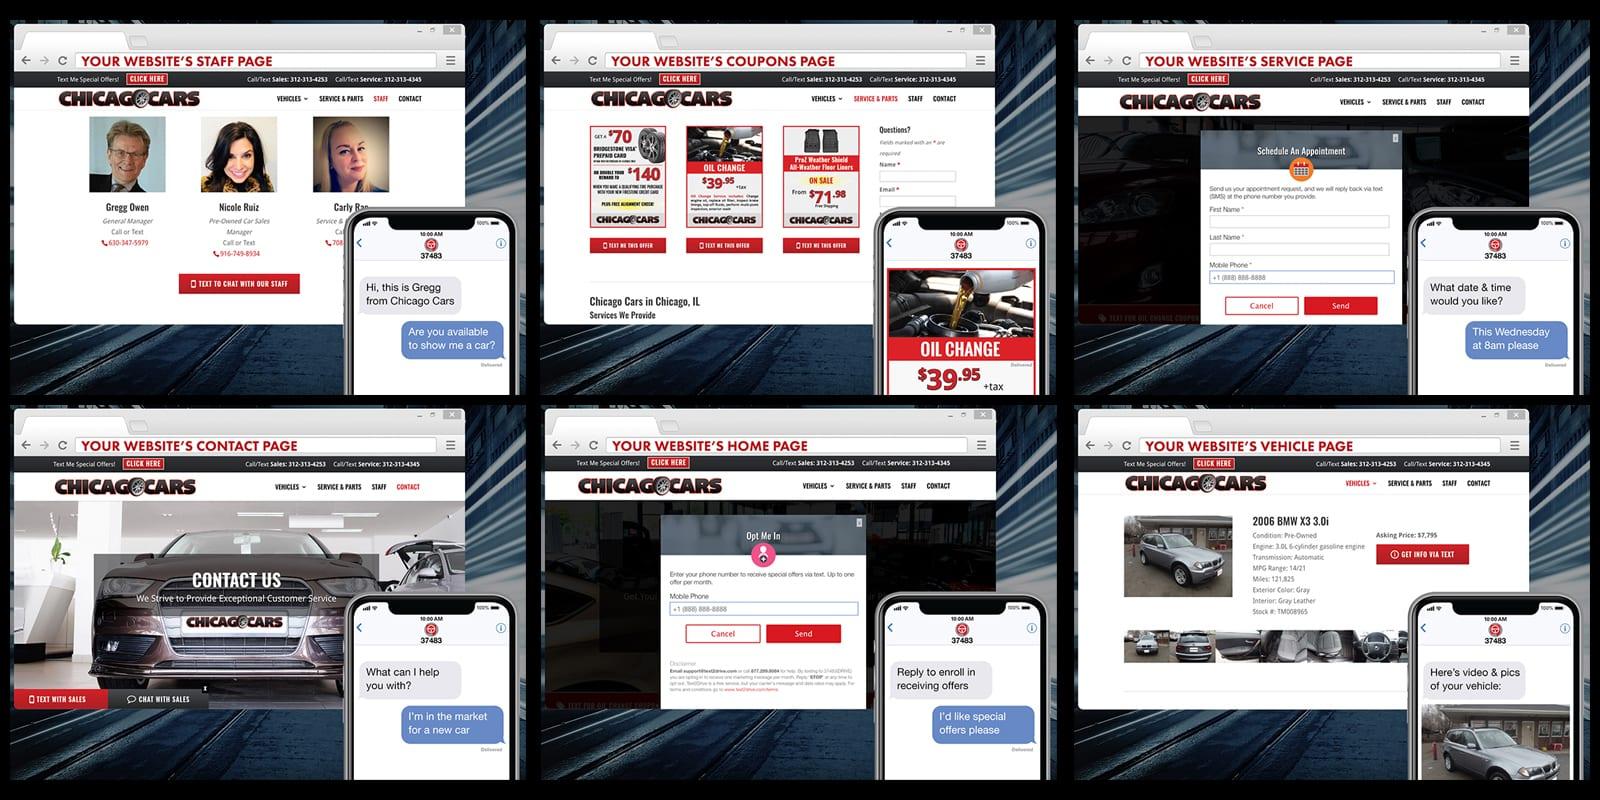 Customer-to-Dealer Website Widgets